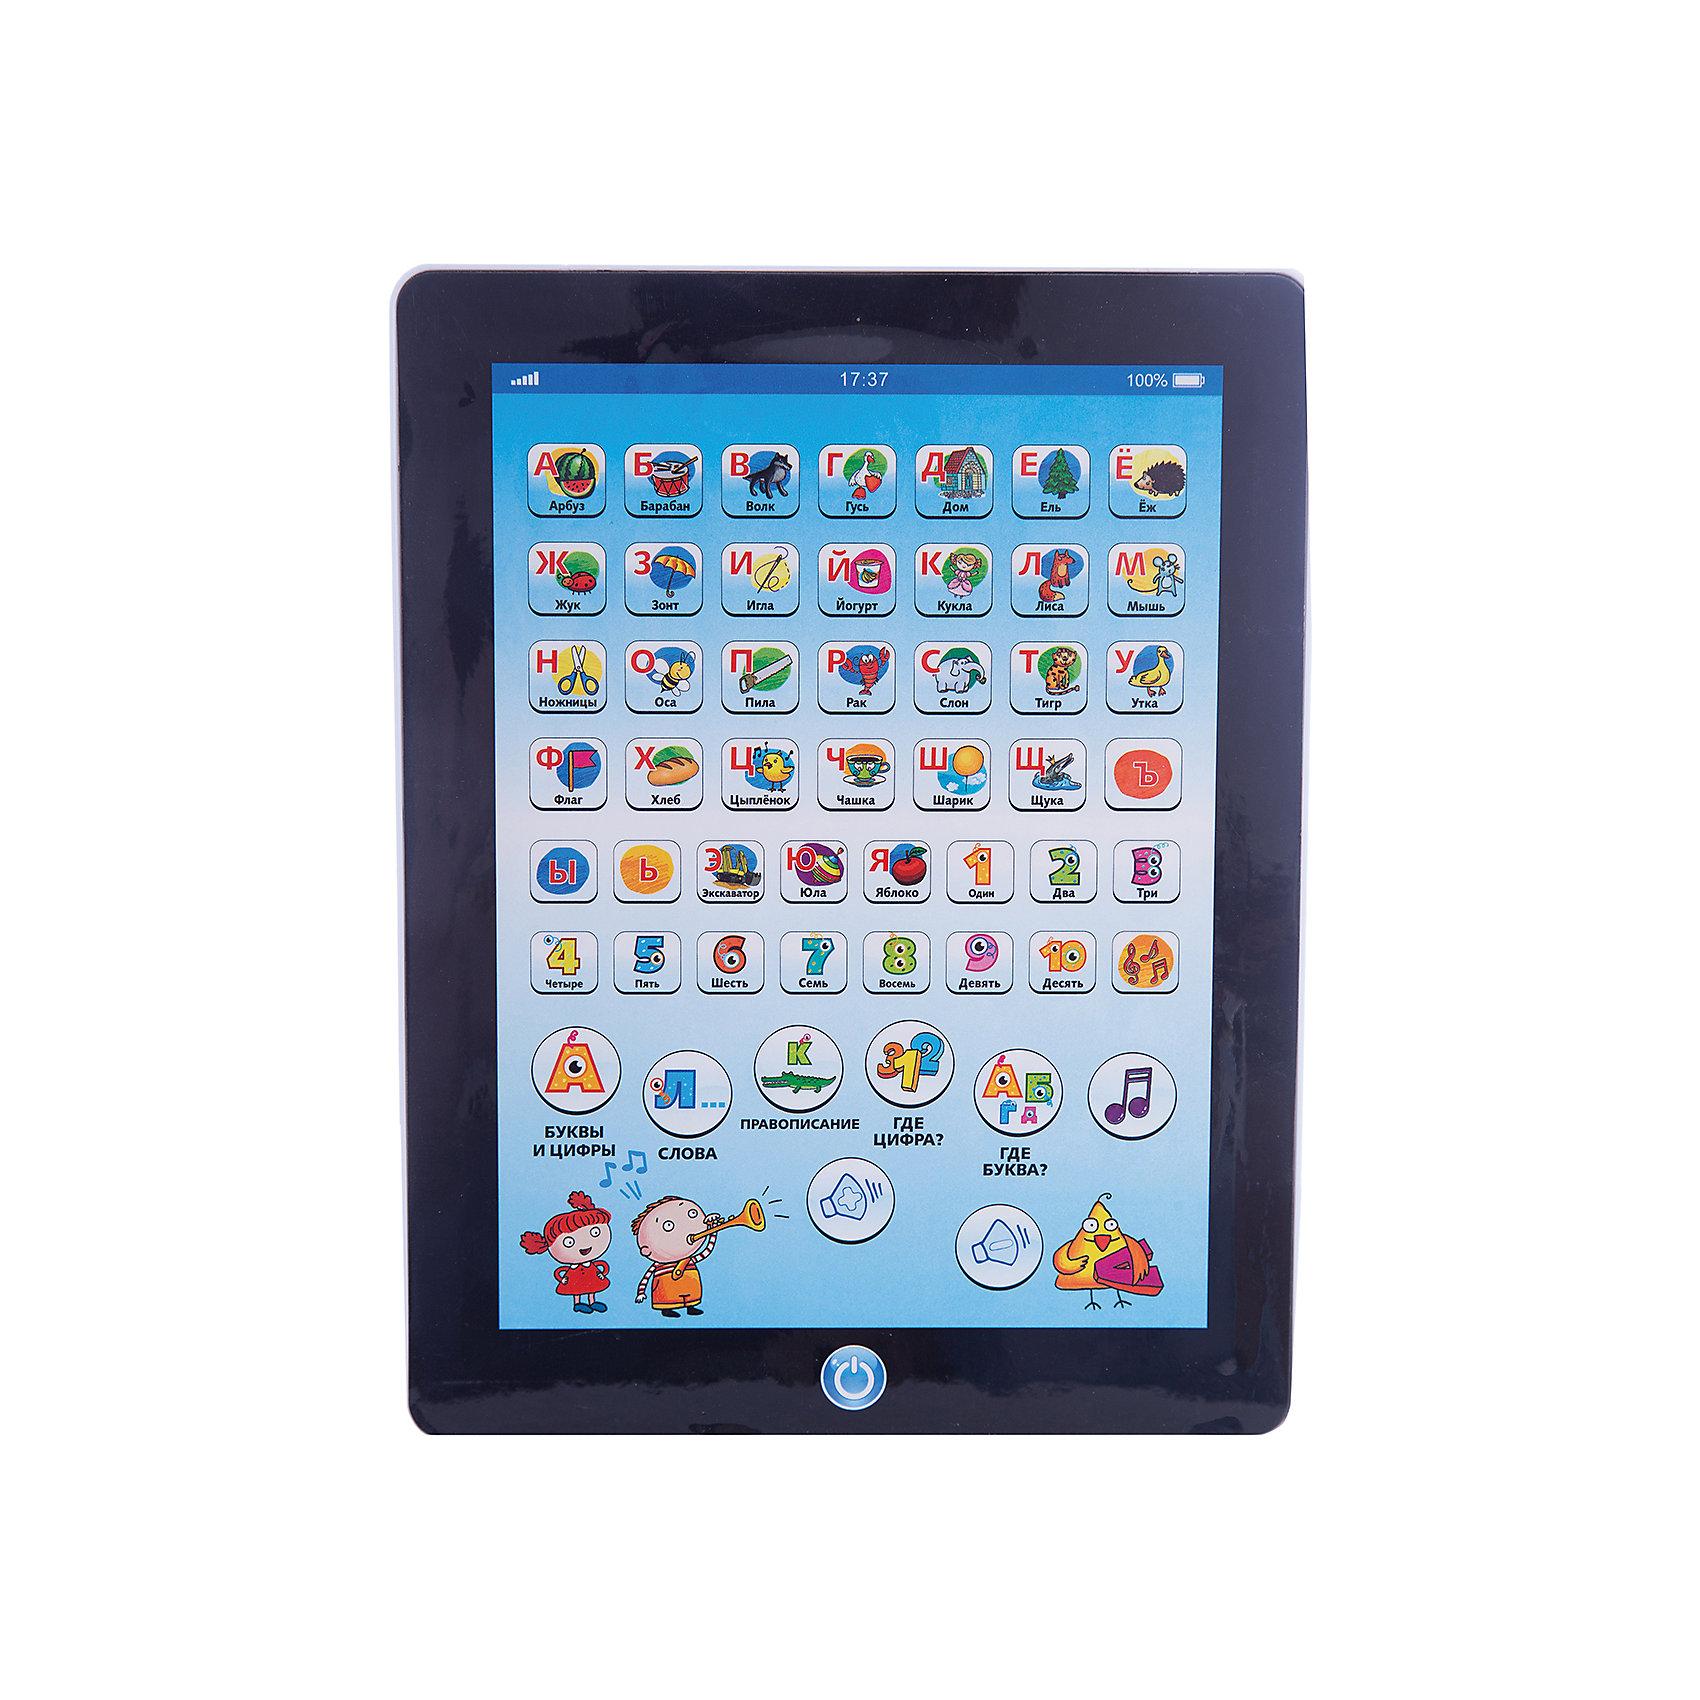 Обучающий планшет 11, Kribly BooДети обожают гаджеты и новые технологии.  С помощью этого простого и понятного планшета малыш сможет получить первоначальные навыки о цифрах и буквах, развить внимание и память, делая это в игровой, интересной форме. Планшет включает в себя 6 режимов игры: буквы и цифры, слова, правописание, проверка знания букв, проверка знания цифр, музыка.<br><br>Дополнительная информация:<br><br>- Материал: пластик, металл.<br>- Размер упаковки: 19х29х1,8 см.<br>- Звуковые эффекты.<br>- Регулировка звука. <br>- Элемент питания: 3 АА батарейки (не входят в комплект).<br>- 6 режимов. <br>- Язык: русский.<br><br>Обучающий планшет 11, Kribly Boo (Крибли Бу), можно купить в нашем магазине.<br><br>Ширина мм: 186<br>Глубина мм: 290<br>Высота мм: 18<br>Вес г: 271<br>Возраст от месяцев: 36<br>Возраст до месяцев: 84<br>Пол: Унисекс<br>Возраст: Детский<br>SKU: 4515330